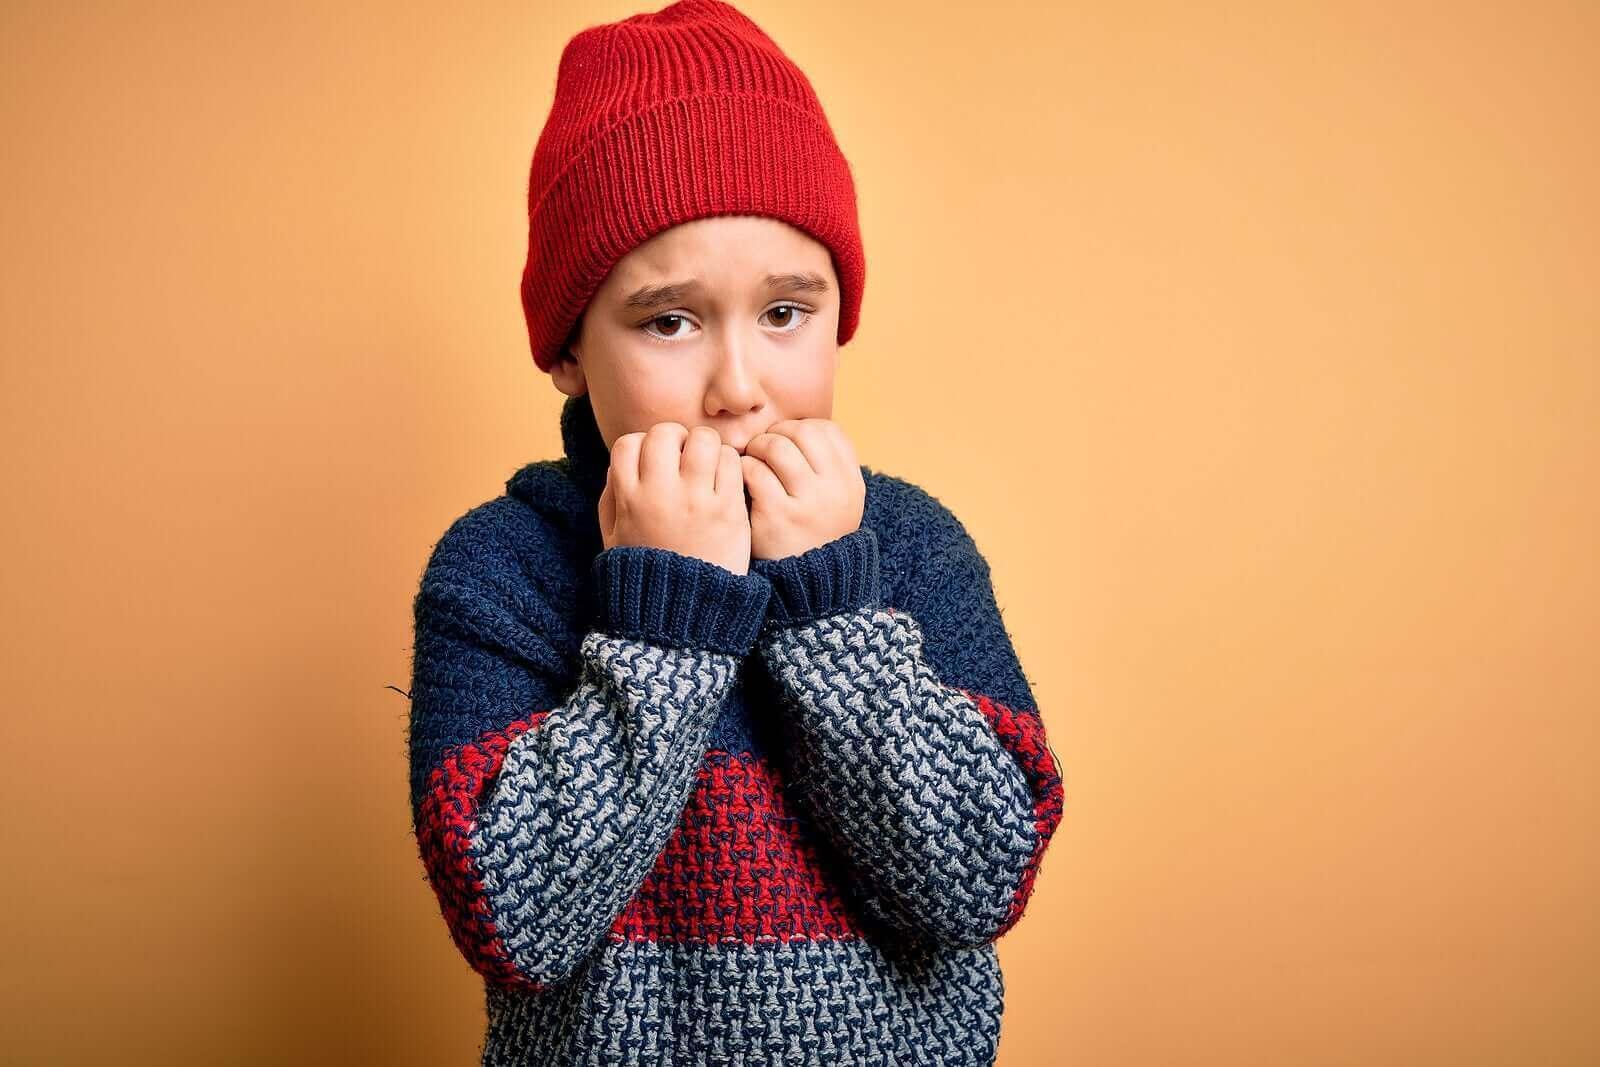 Çocuklarda fobiler ve fiziksel tepkiler